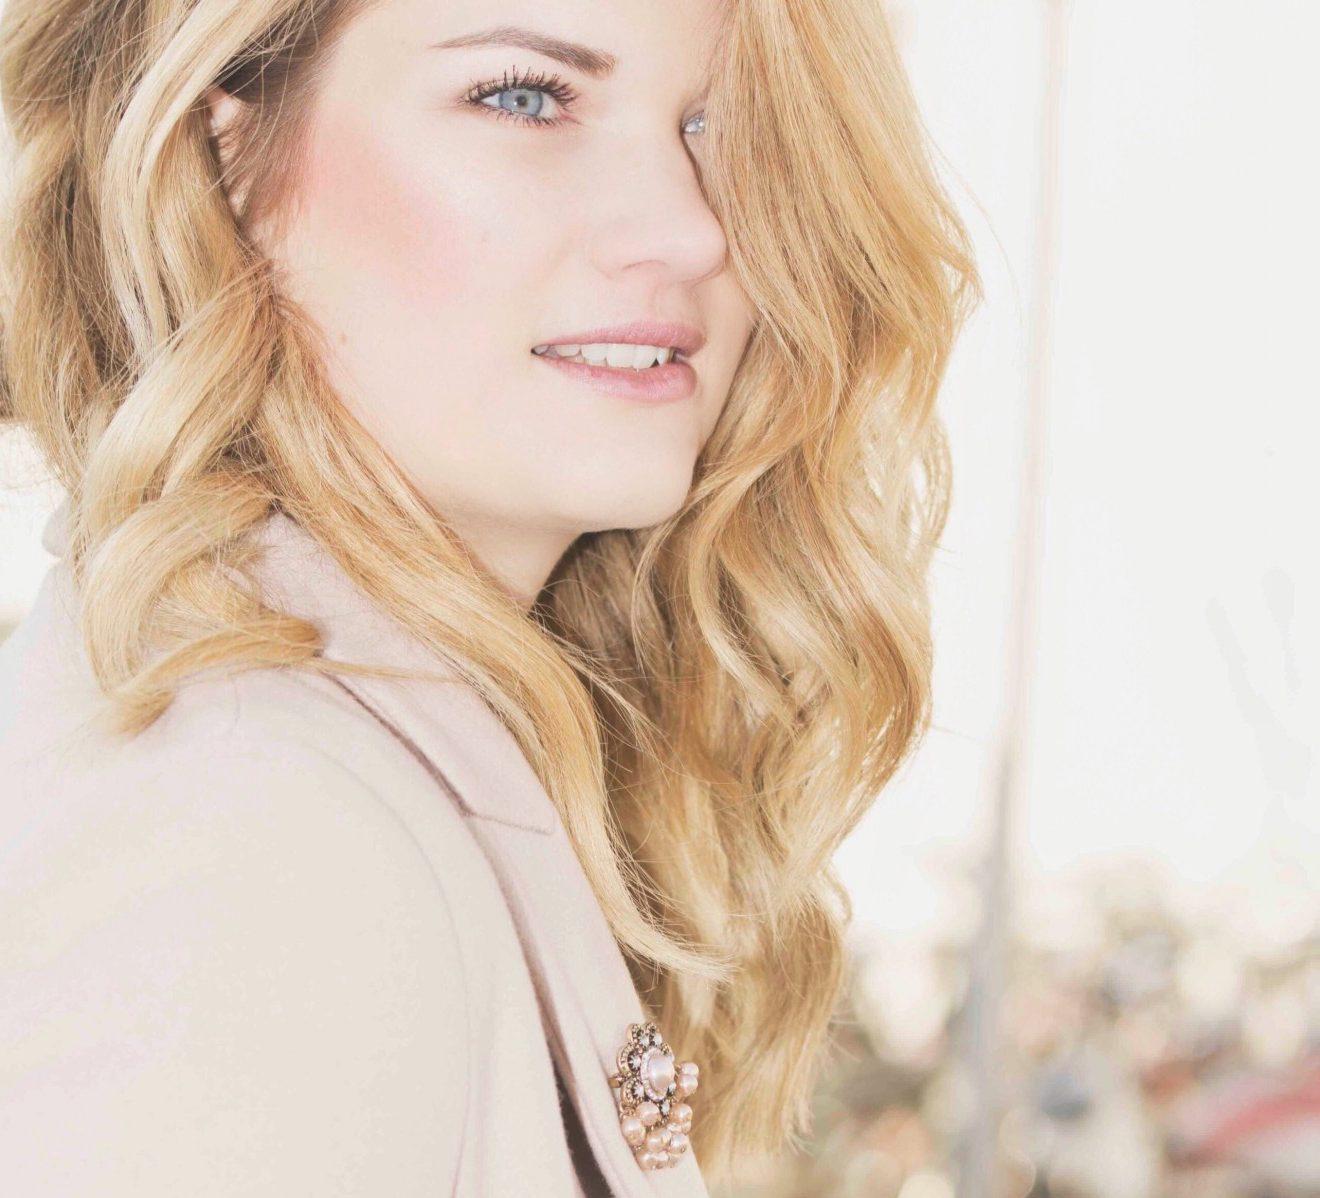 rosa Mantel von Zara, Brosche mit Perlen von H&M, Perlenbrosche, Sitenprofil, Herbst, Autumn, Patellfarben, Haare